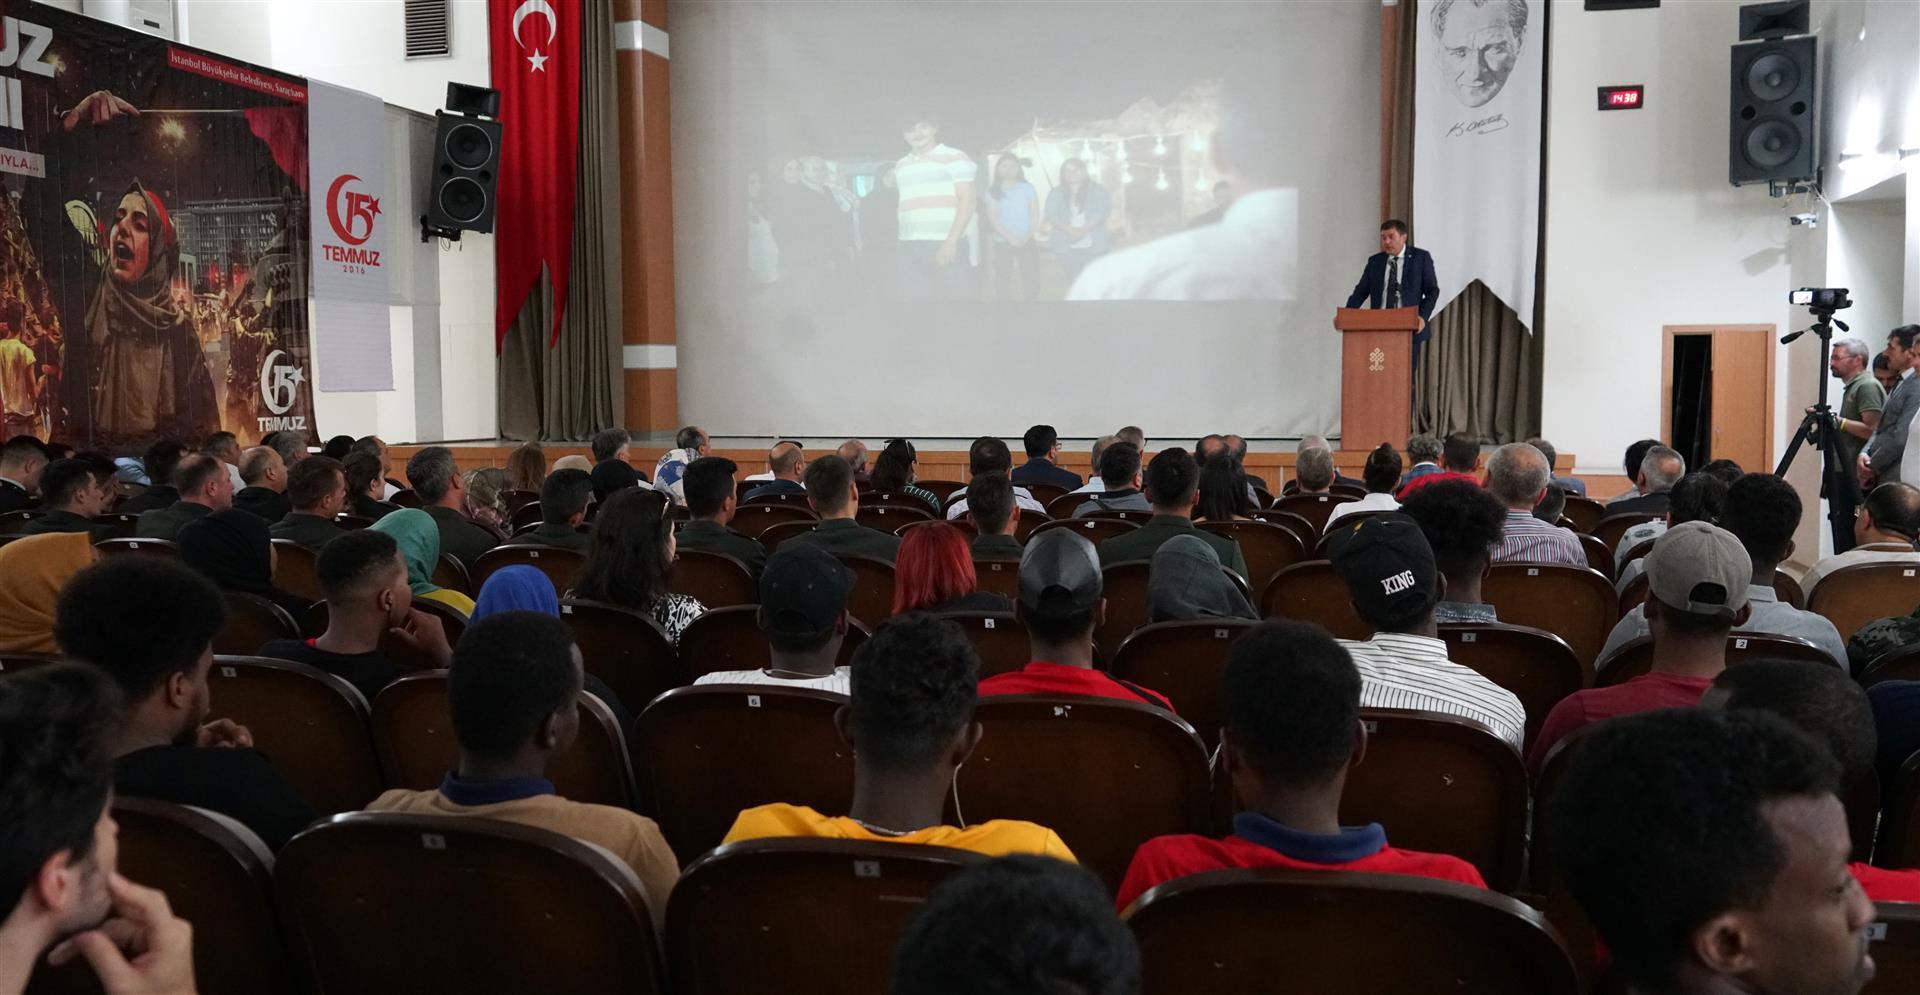 Demokrasi ve Birlik Günü Konferansı Gerçekleştirildi Resim